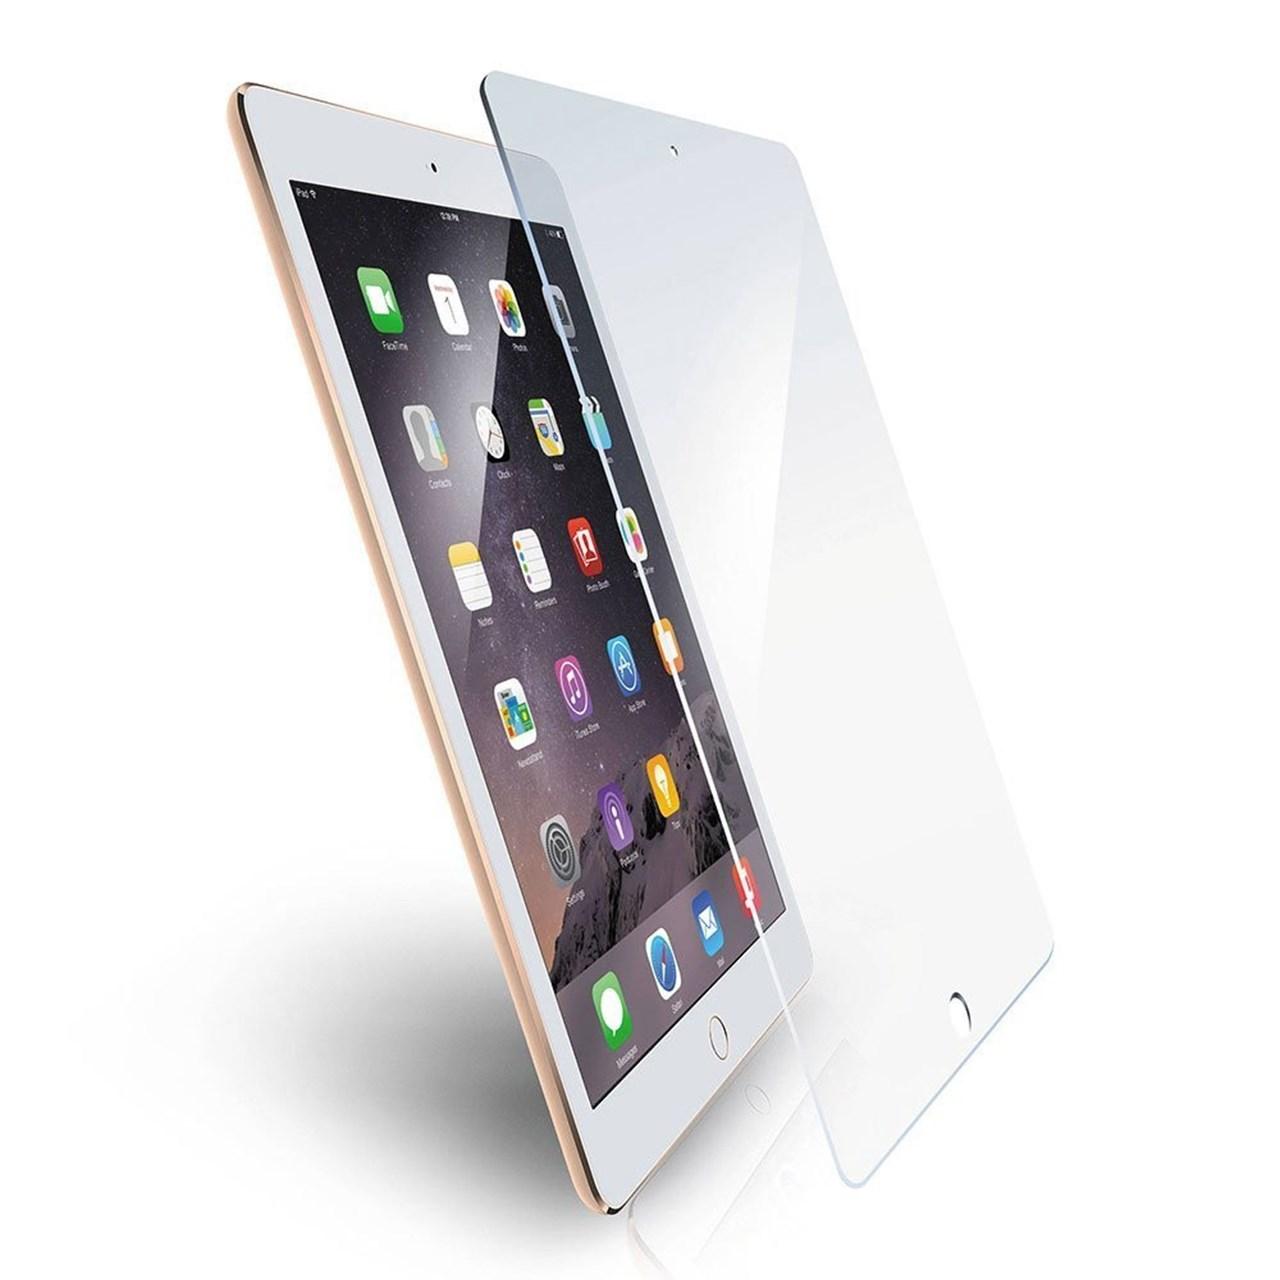 محافظ صفحه نمایش موکول مدل Tempered Glass مناسب برای Ipad Pro 9.7